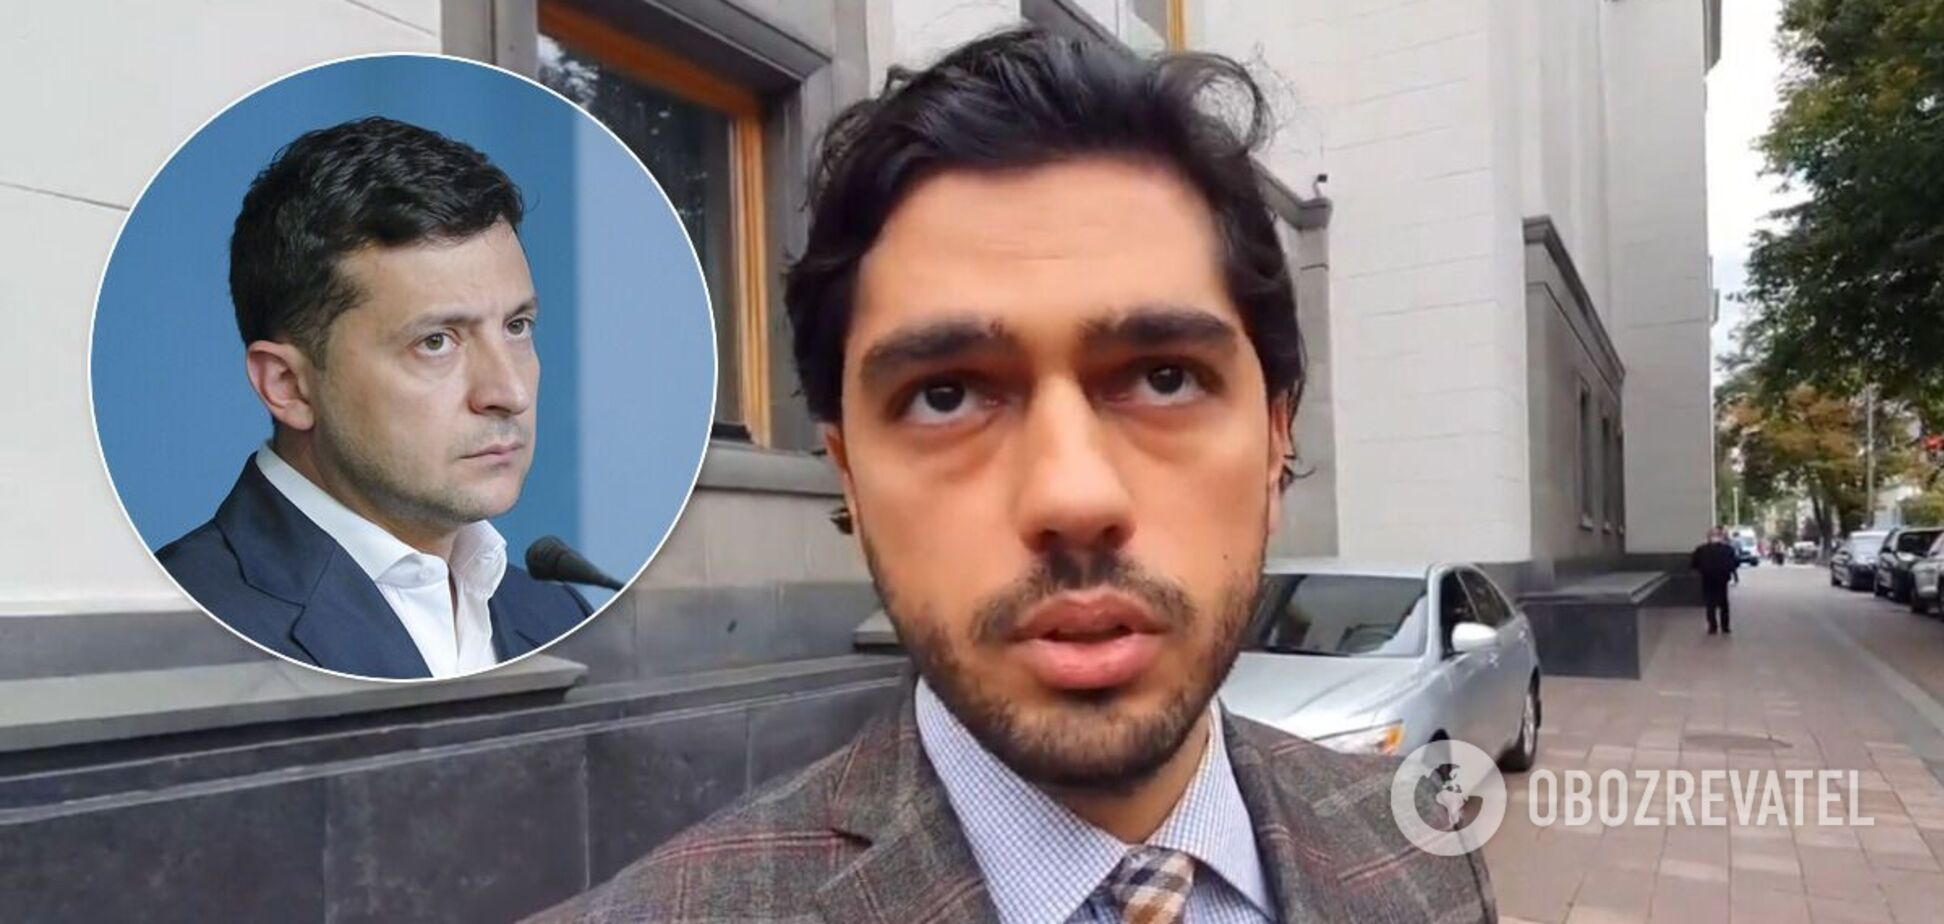 Лерос розповів про скандал у кабінеті Зеленського